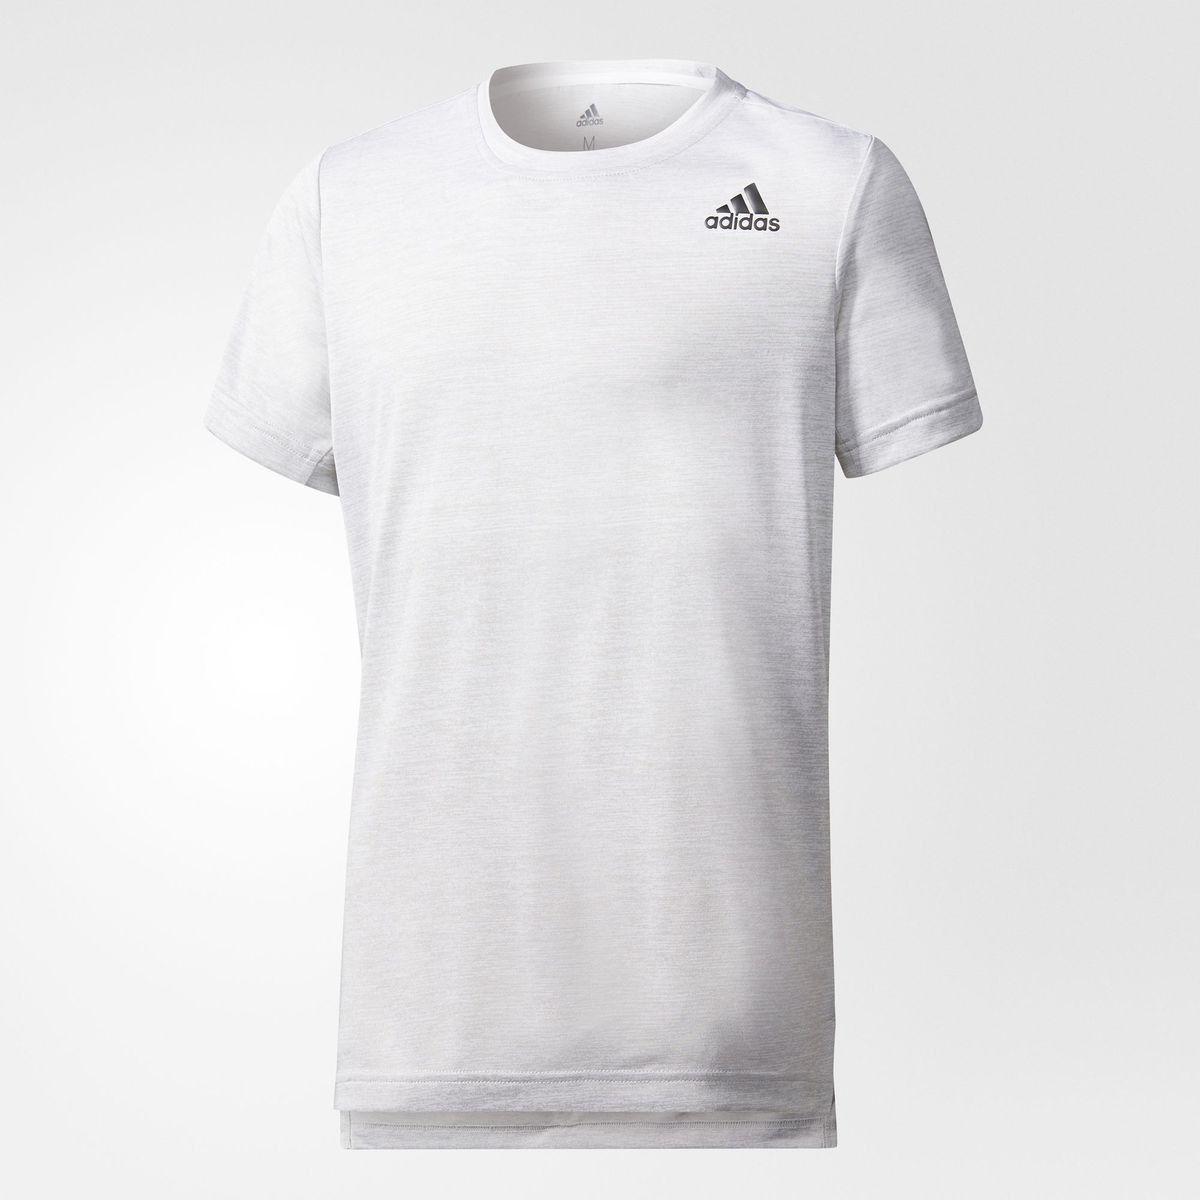 t-shirt adidas 14 ans